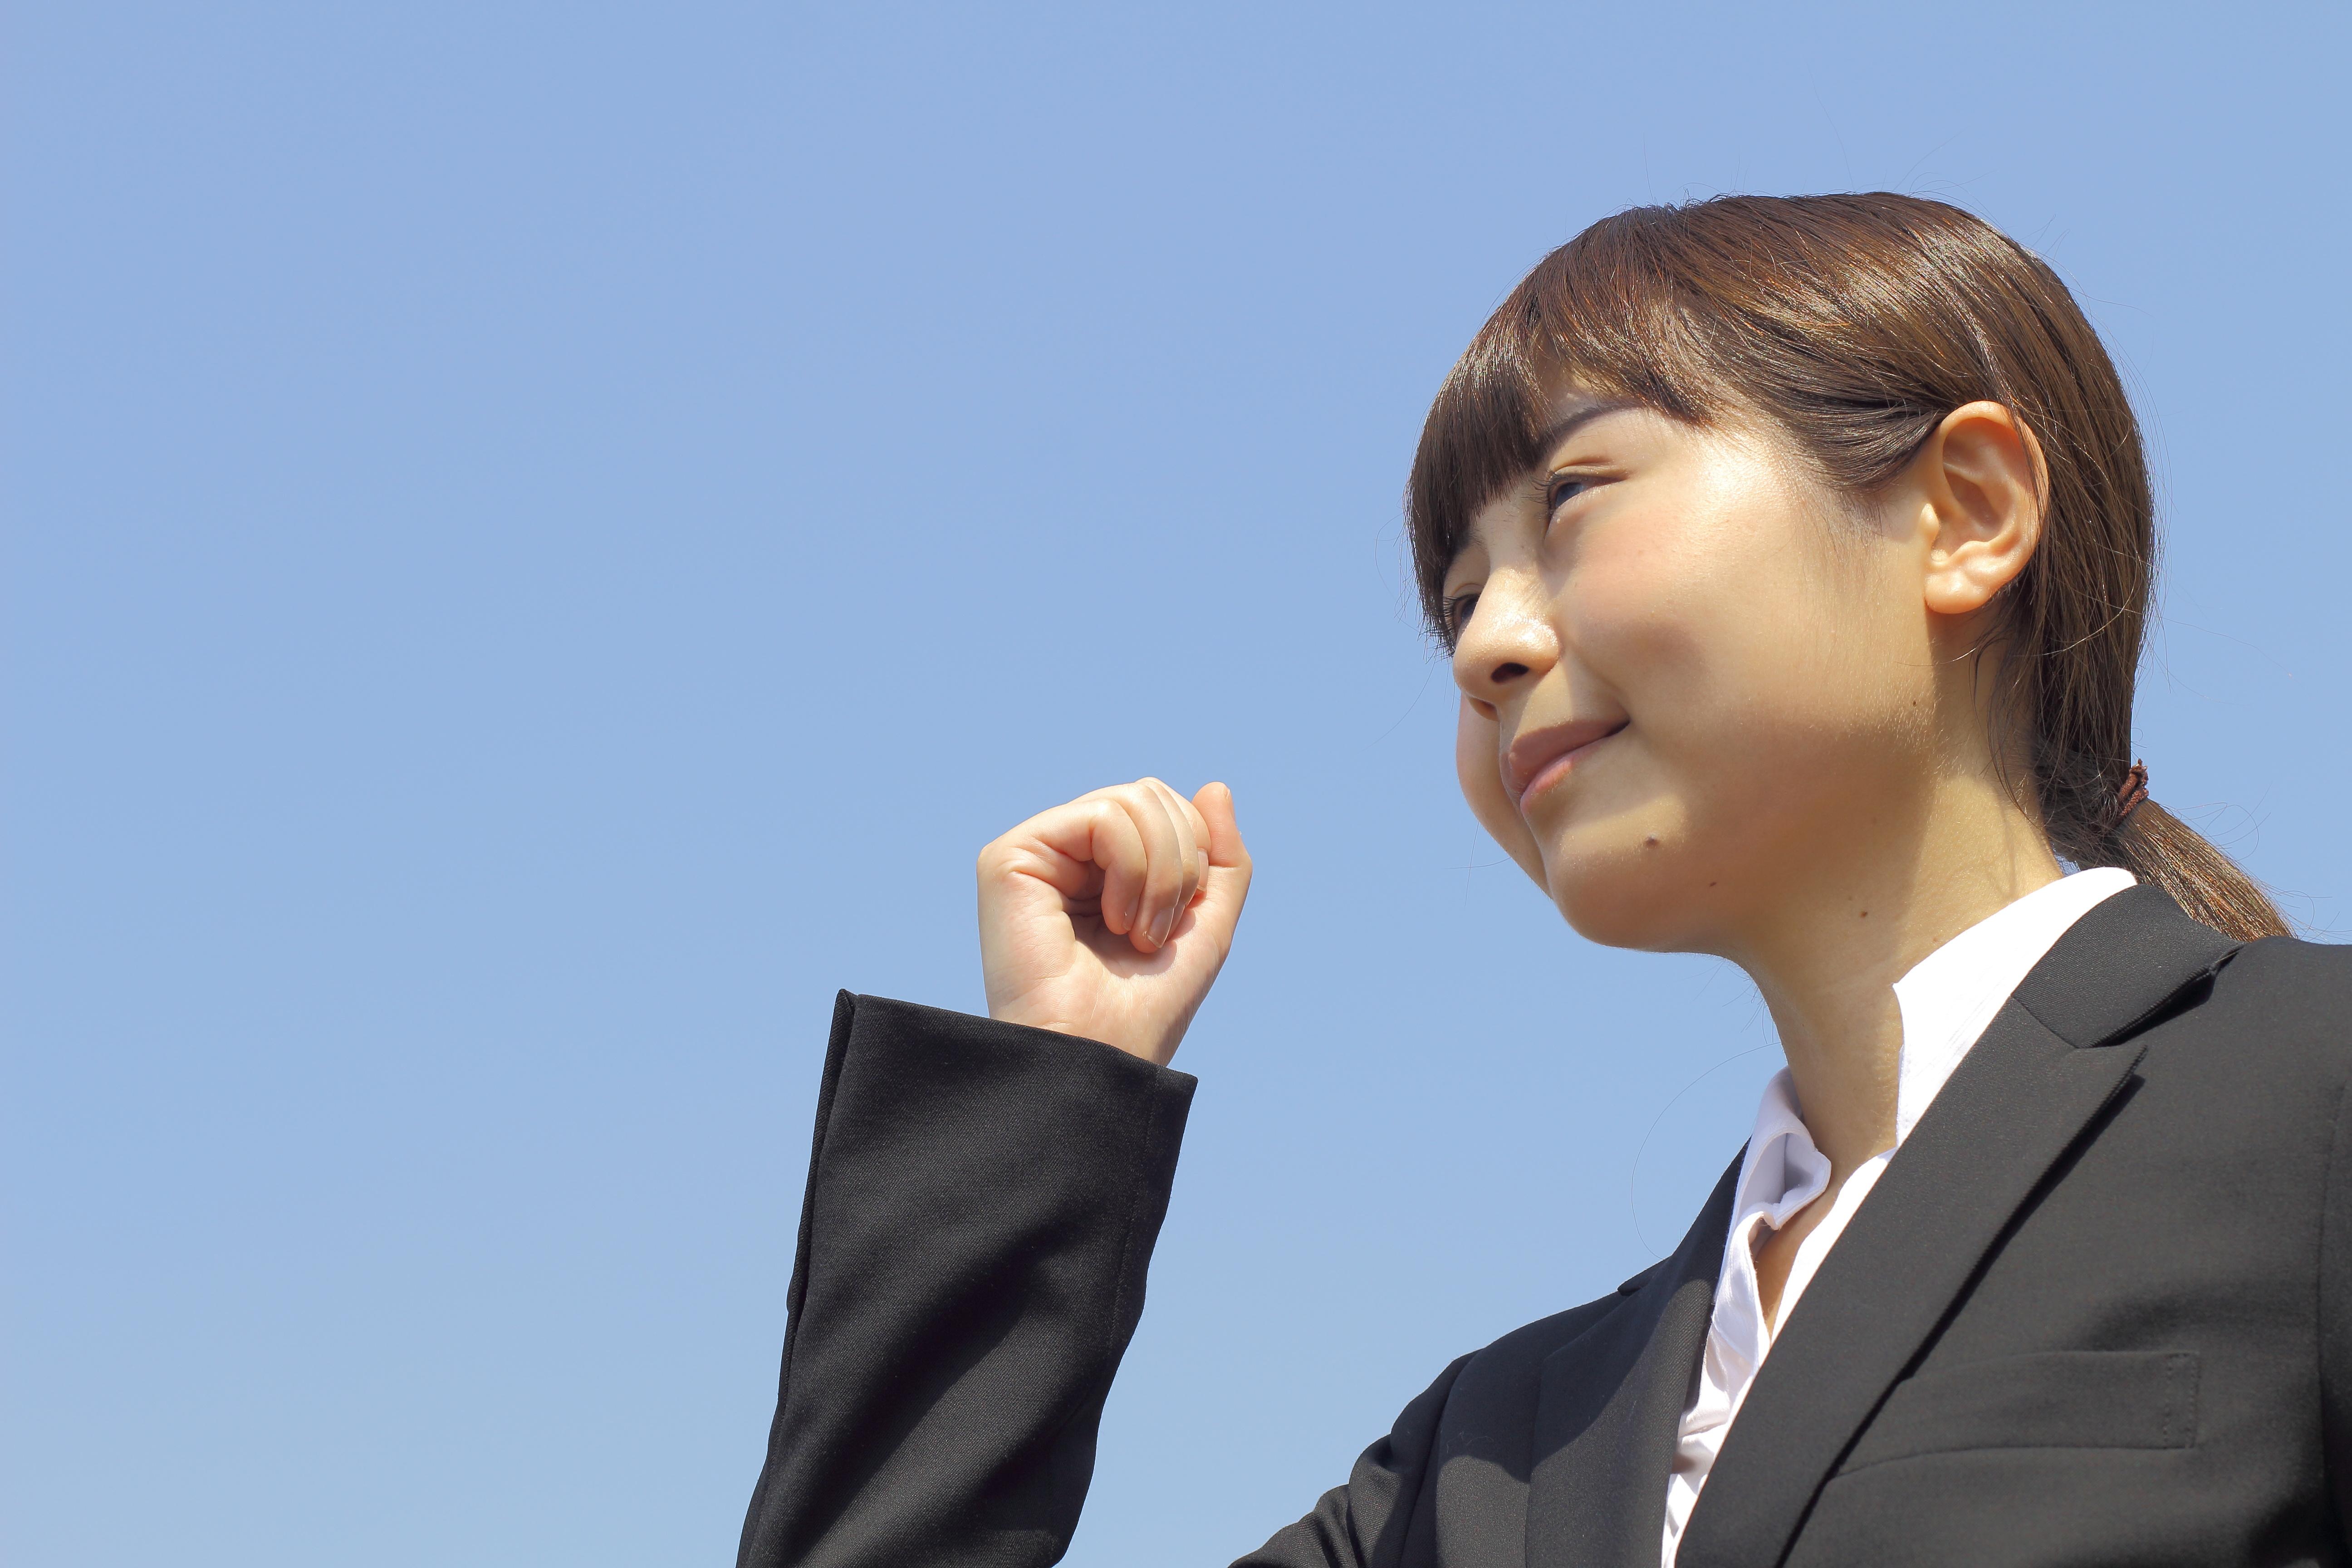 就活が辛い人ほど注目してほしい「就職活動の楽しいポイント」をご紹介!